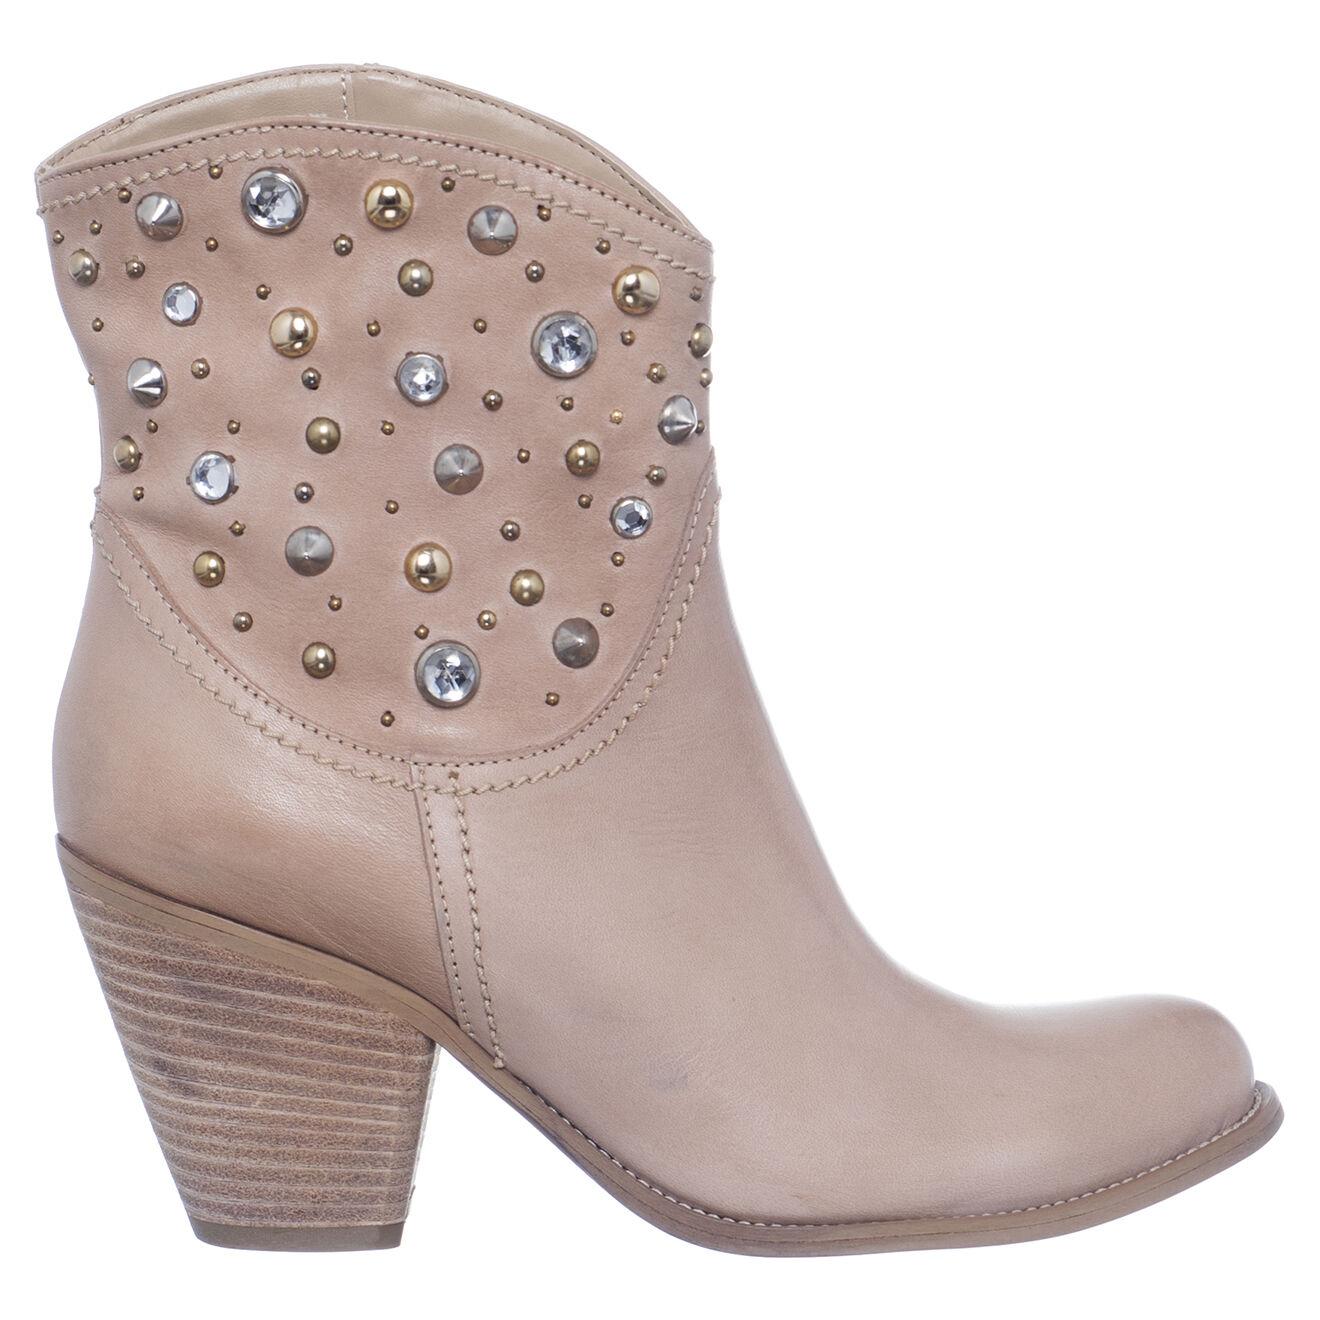 Boots en Cuir Corine beiges - Talon 8 cm